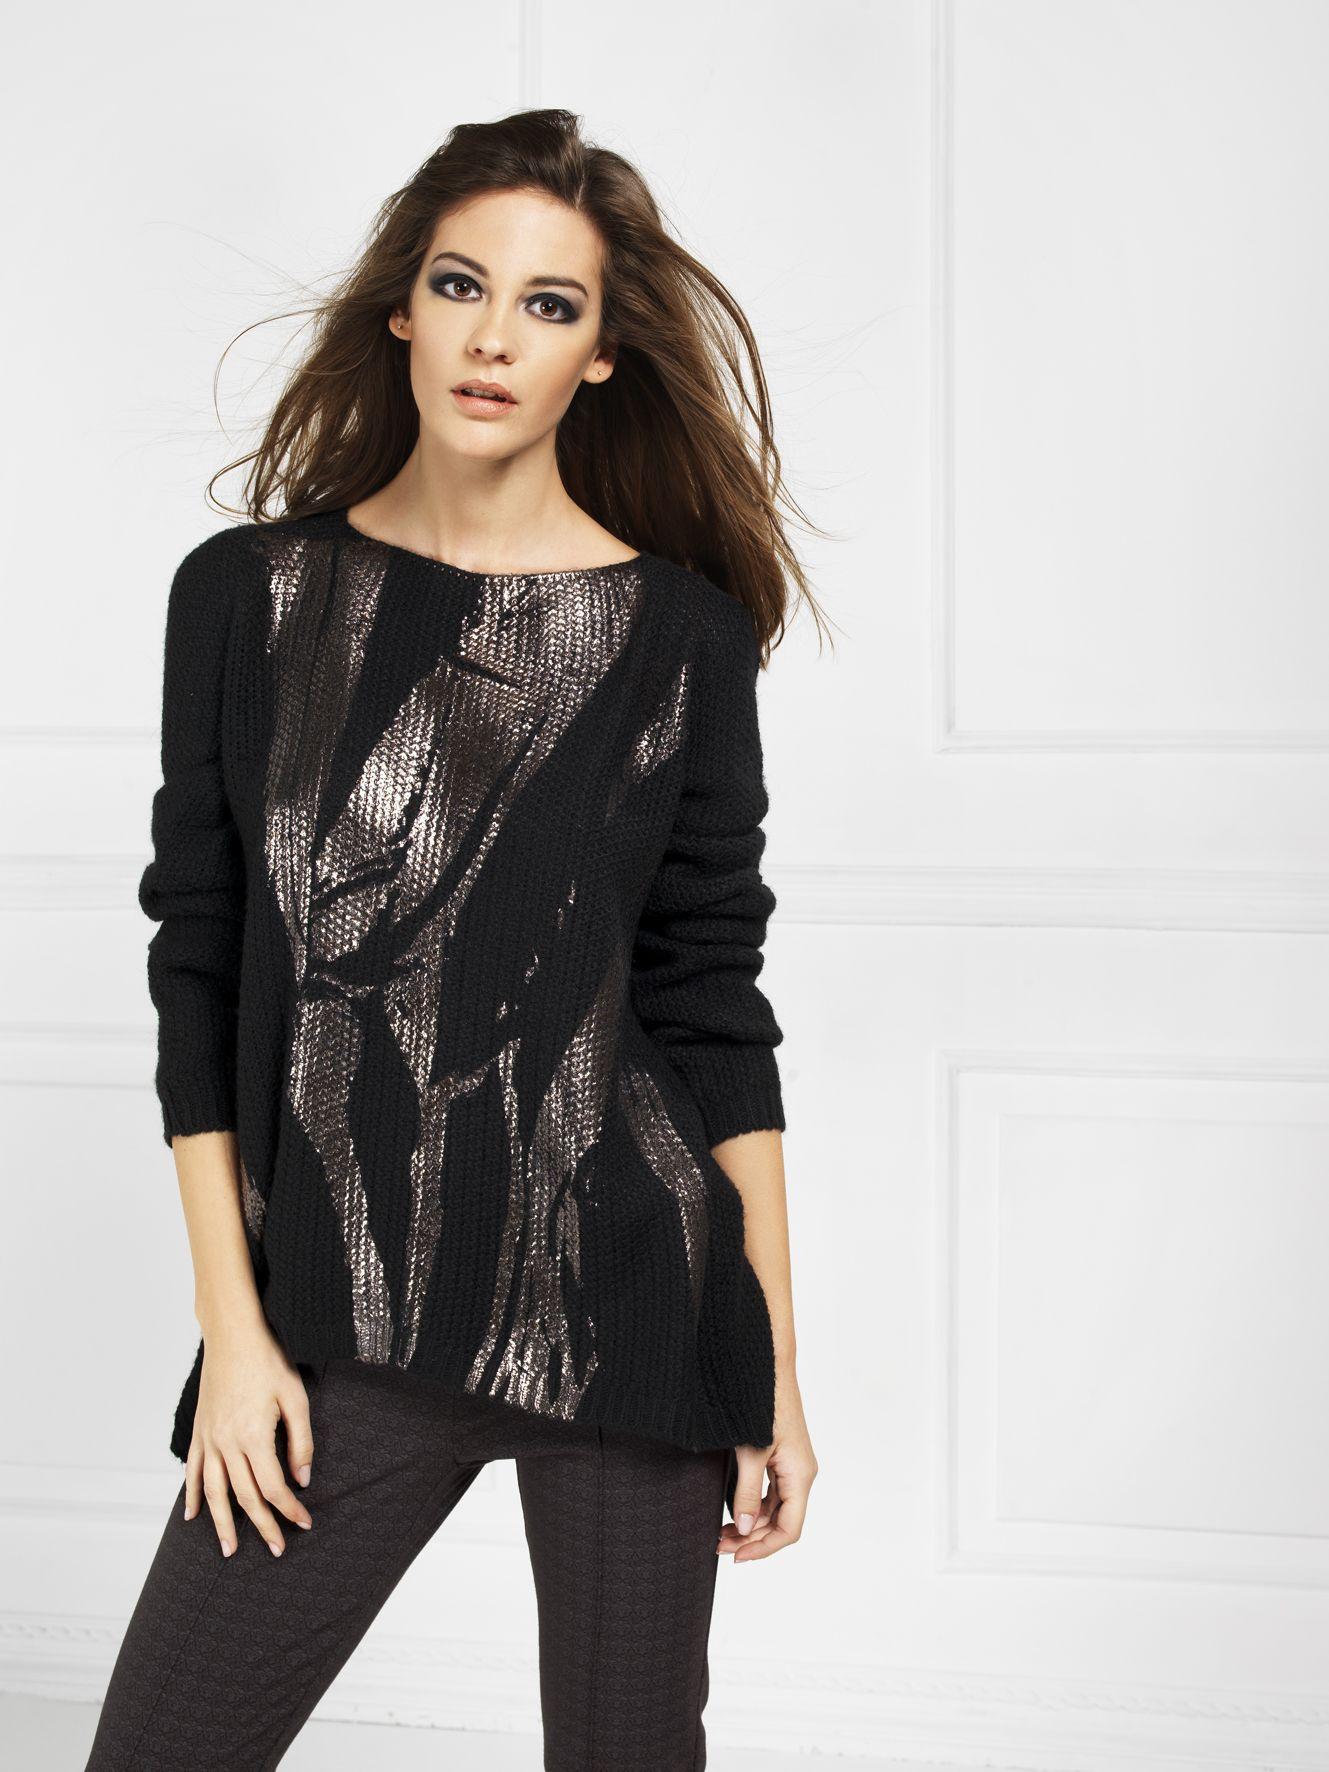 Maglia 15D2124 - Knit 15D2124 - Pantalone 15D2230 - Trousers 15D2230